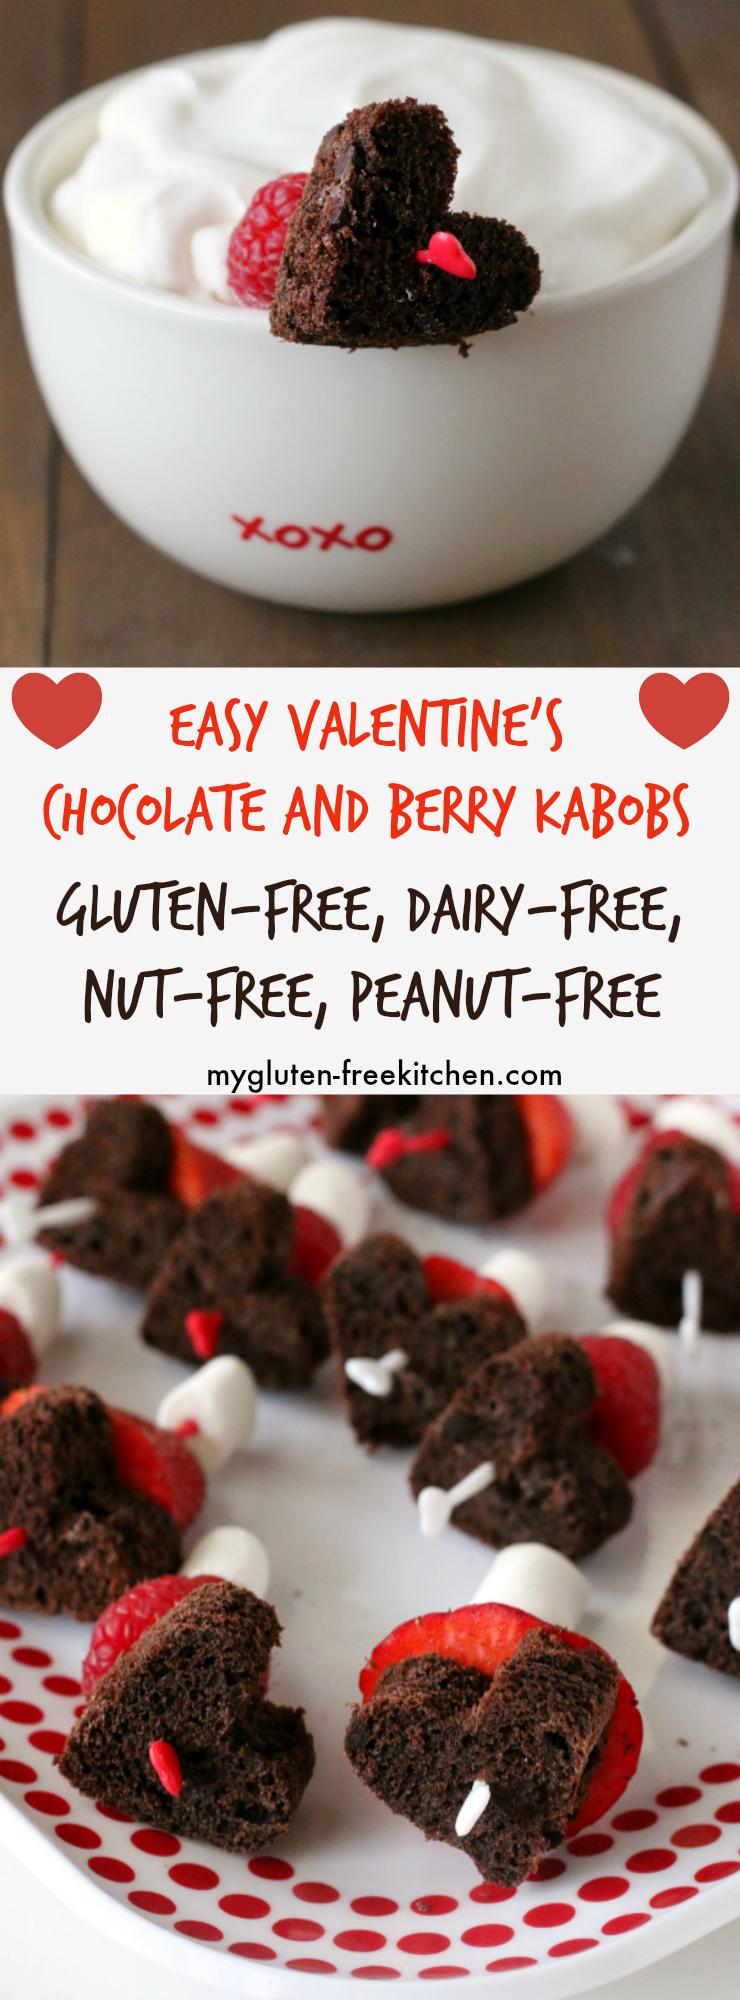 Gluten Free Dairy Free Valentine S Chocolate Berry Kabobs